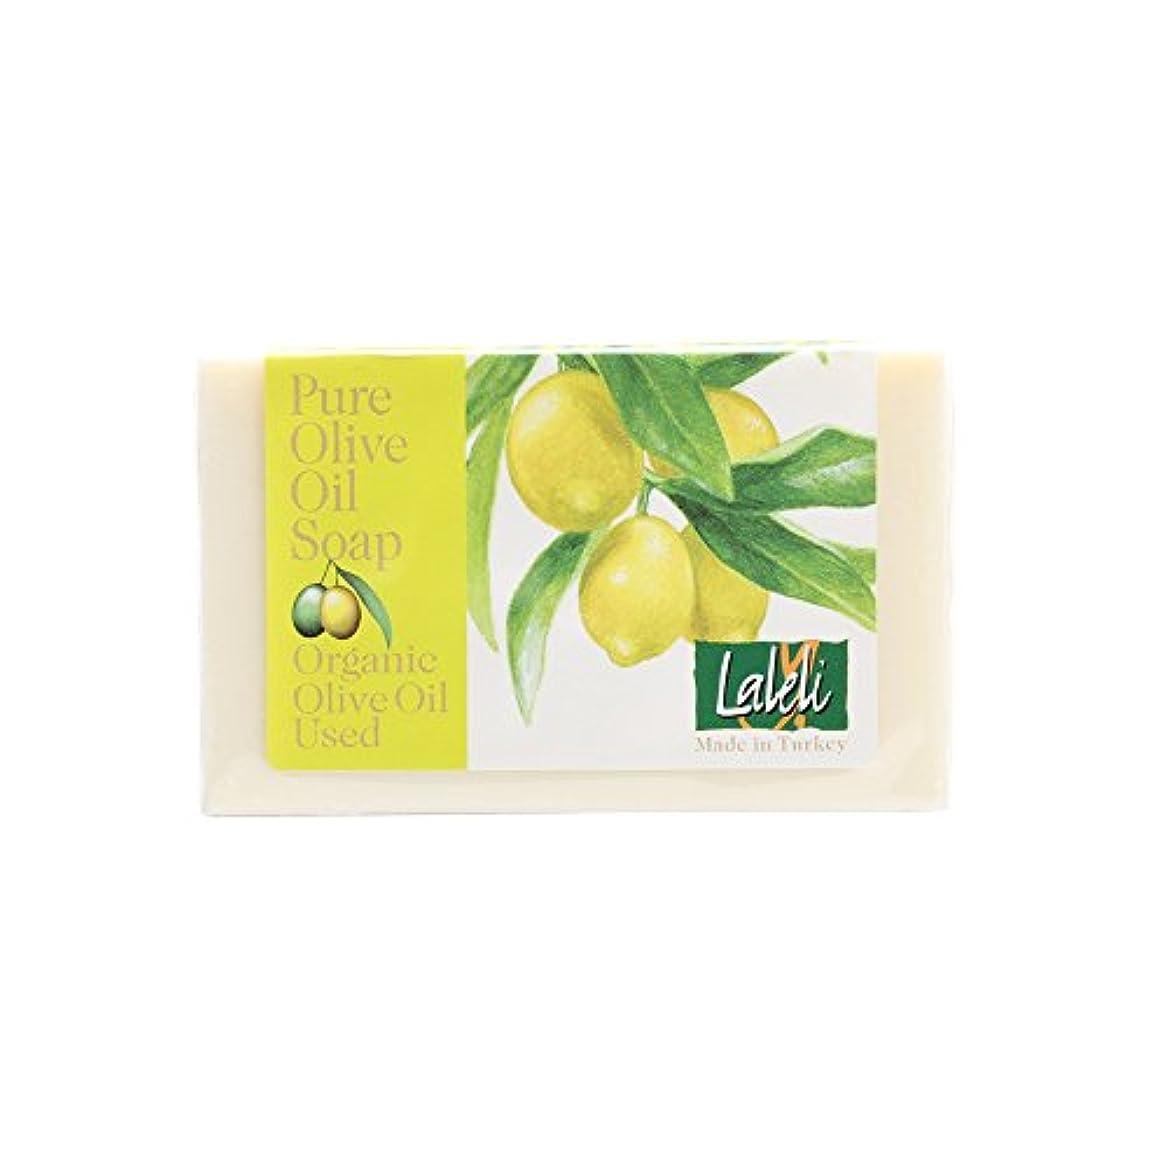 ゆるいバクテリア前件ラーレリ オーガニックオリーブオイルソープ レモン 120g